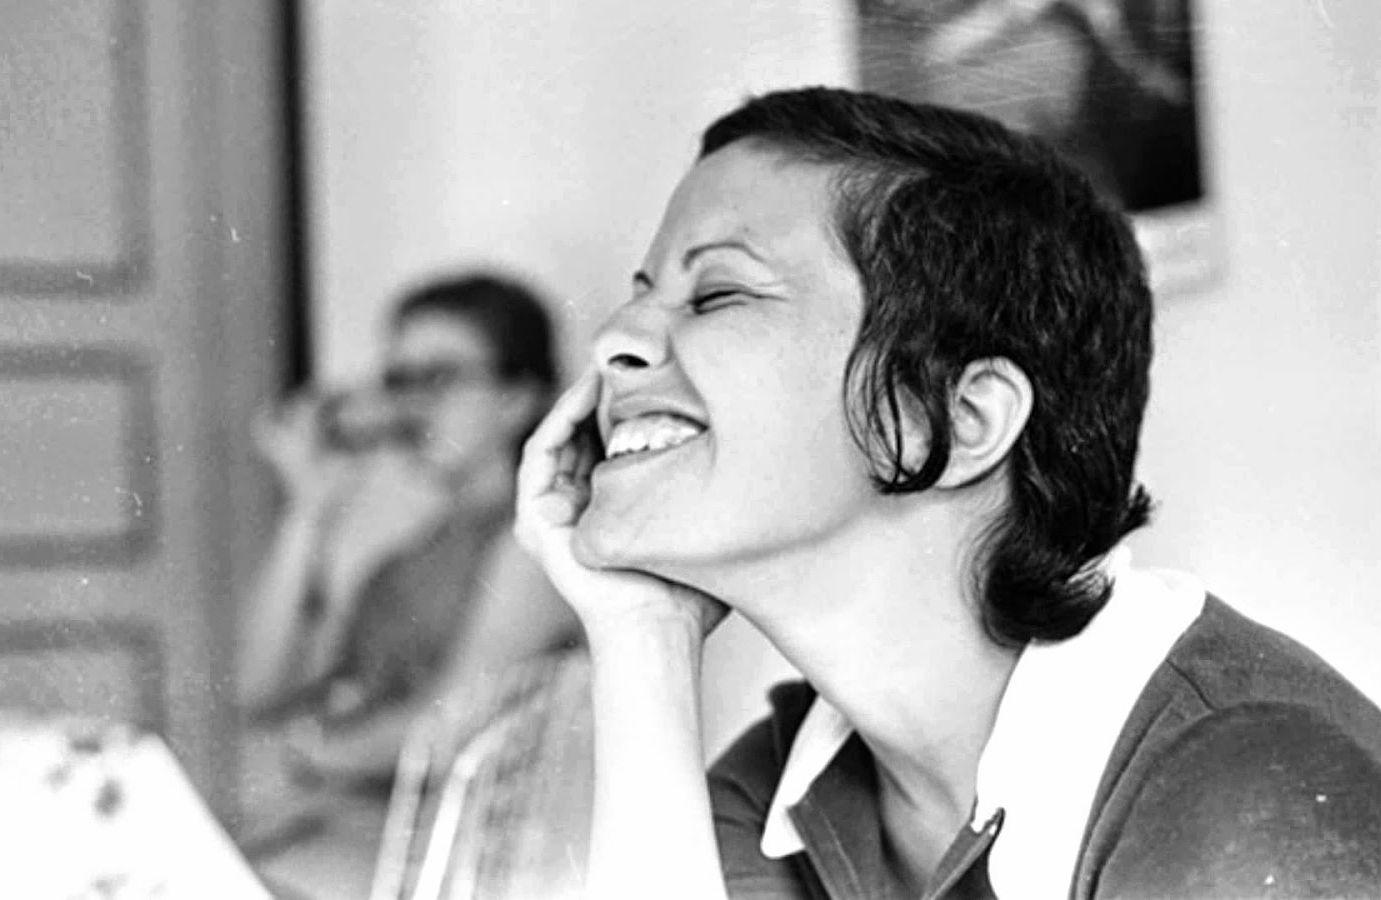 Imagem em branco e preto de Elis Regina sorrindo de perfil. Ela tem a mão direita apoiando o rosto e ao fundo a imagem desfocada de uma pessoa.